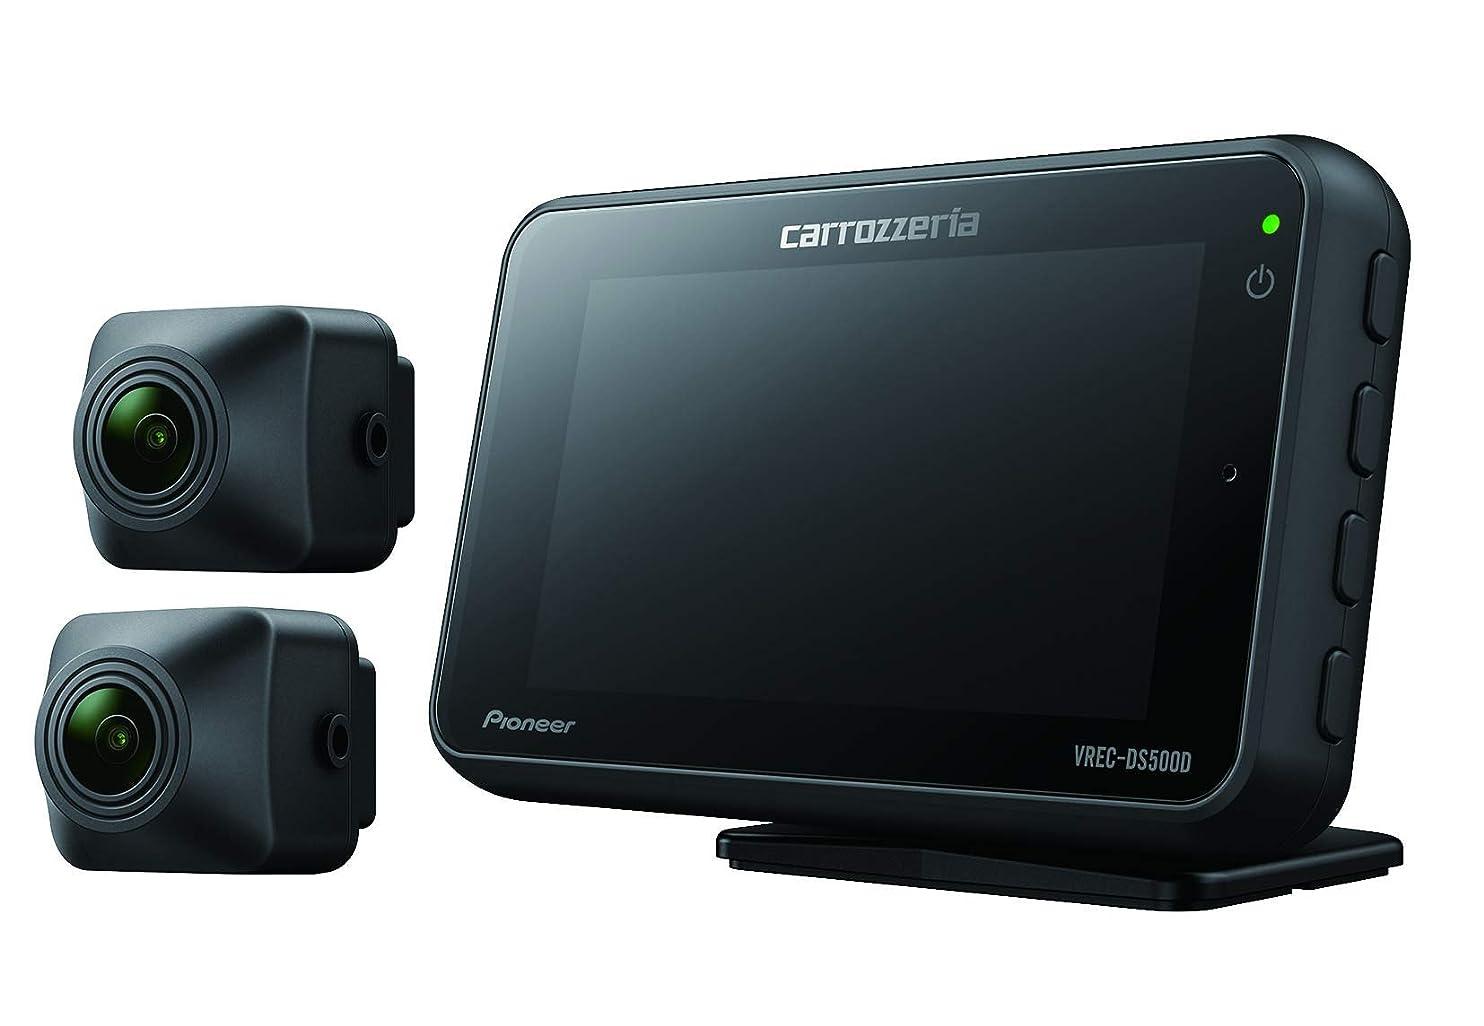 に勝るうがい薬多用途カロッツェリア(パイオニア) 前後2カメラ ドライブレコーダー VREC-DS500DC 高感度 高画質 前後200万画素 フルHD 駐車監視 対角142o GPS WDR 連続/衝撃/手動/駐車録画 1年保証 microSDカード(16GB)付 VREC-DS500DC